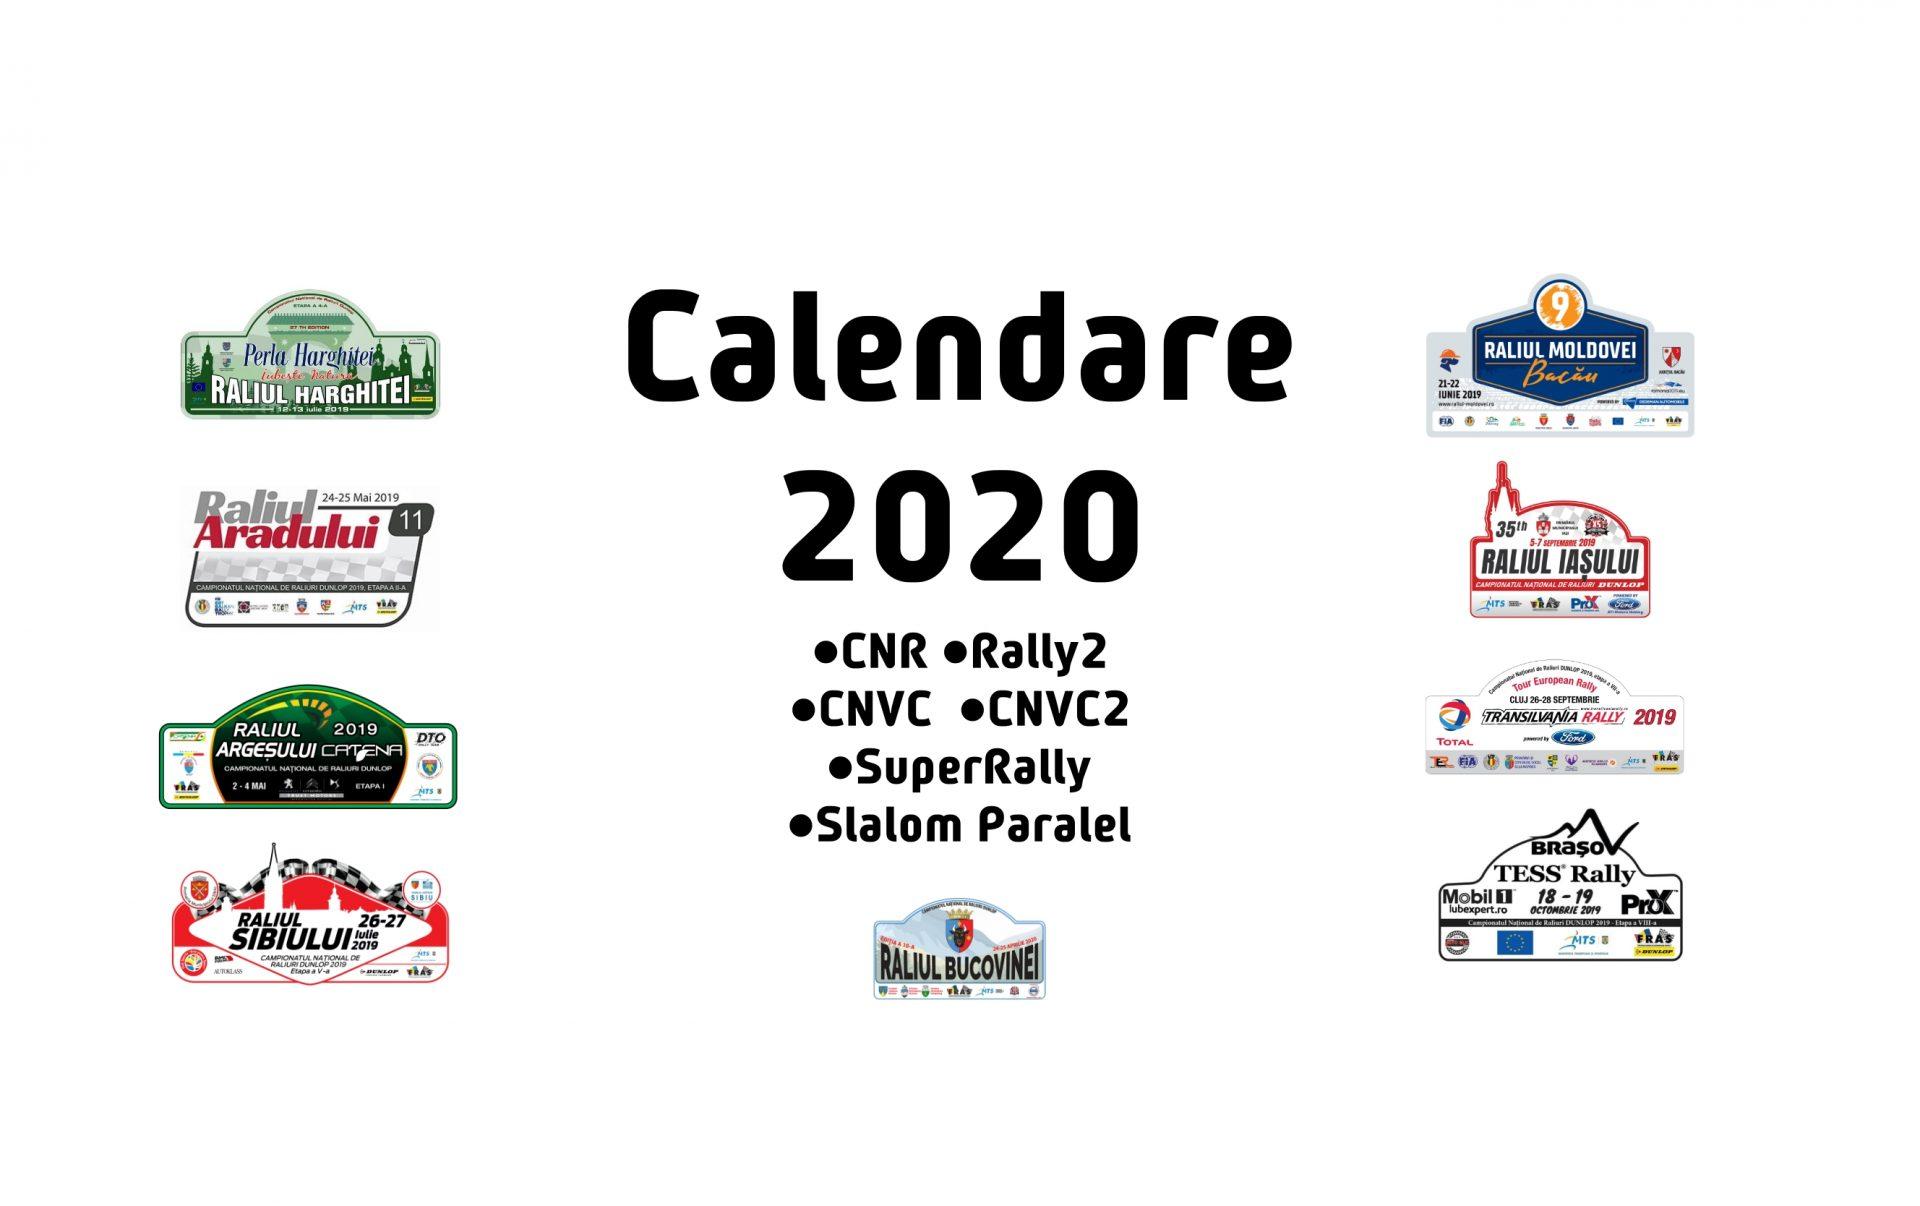 Calendare competitionale 2020